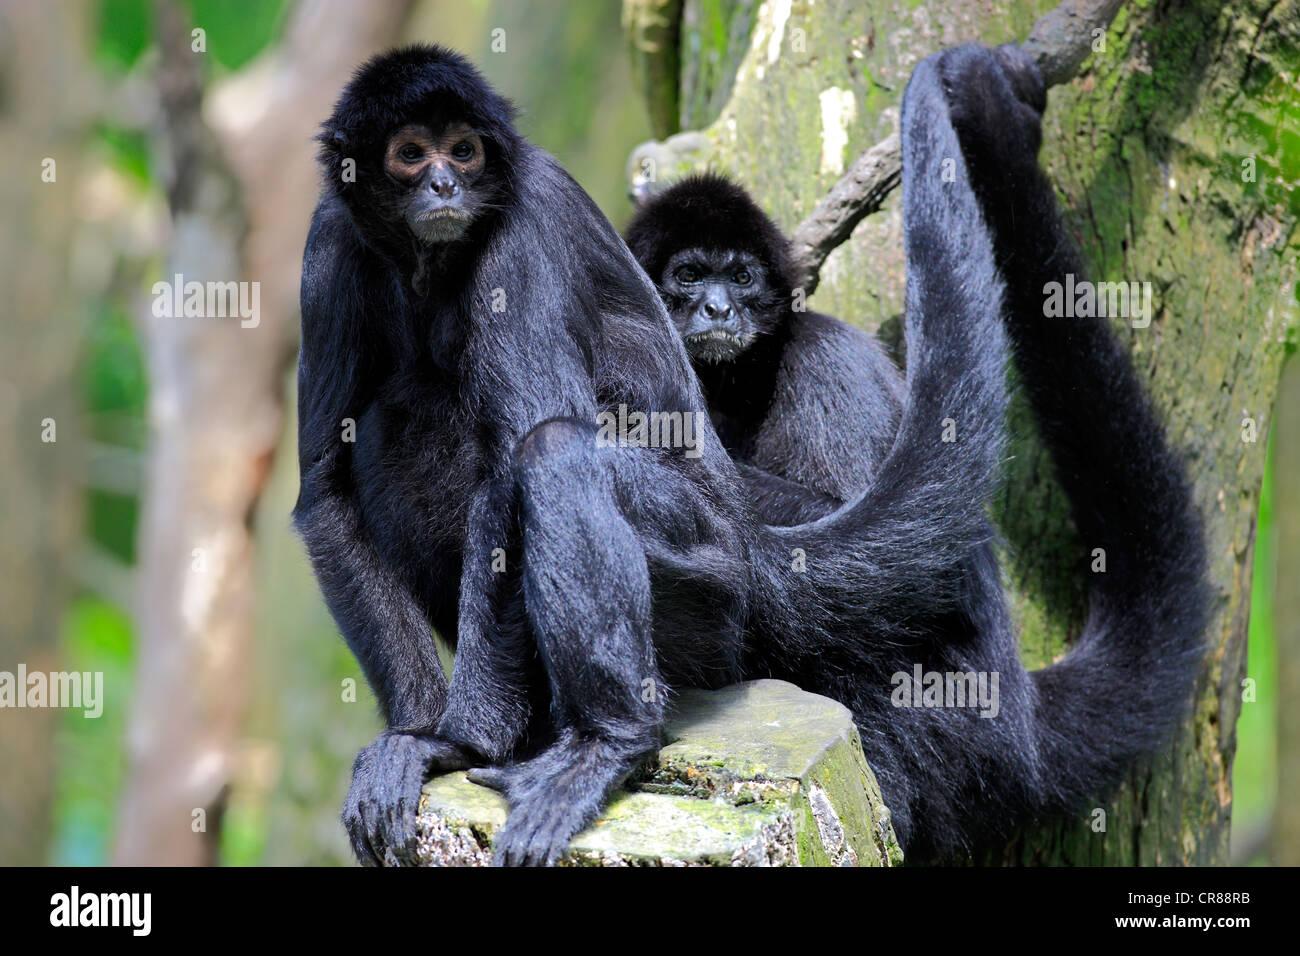 Guiana scimmie ragno o rosso-nero fronte scimmie ragno (Ateles paniscus), su albero, Singapore, Asia Immagini Stock